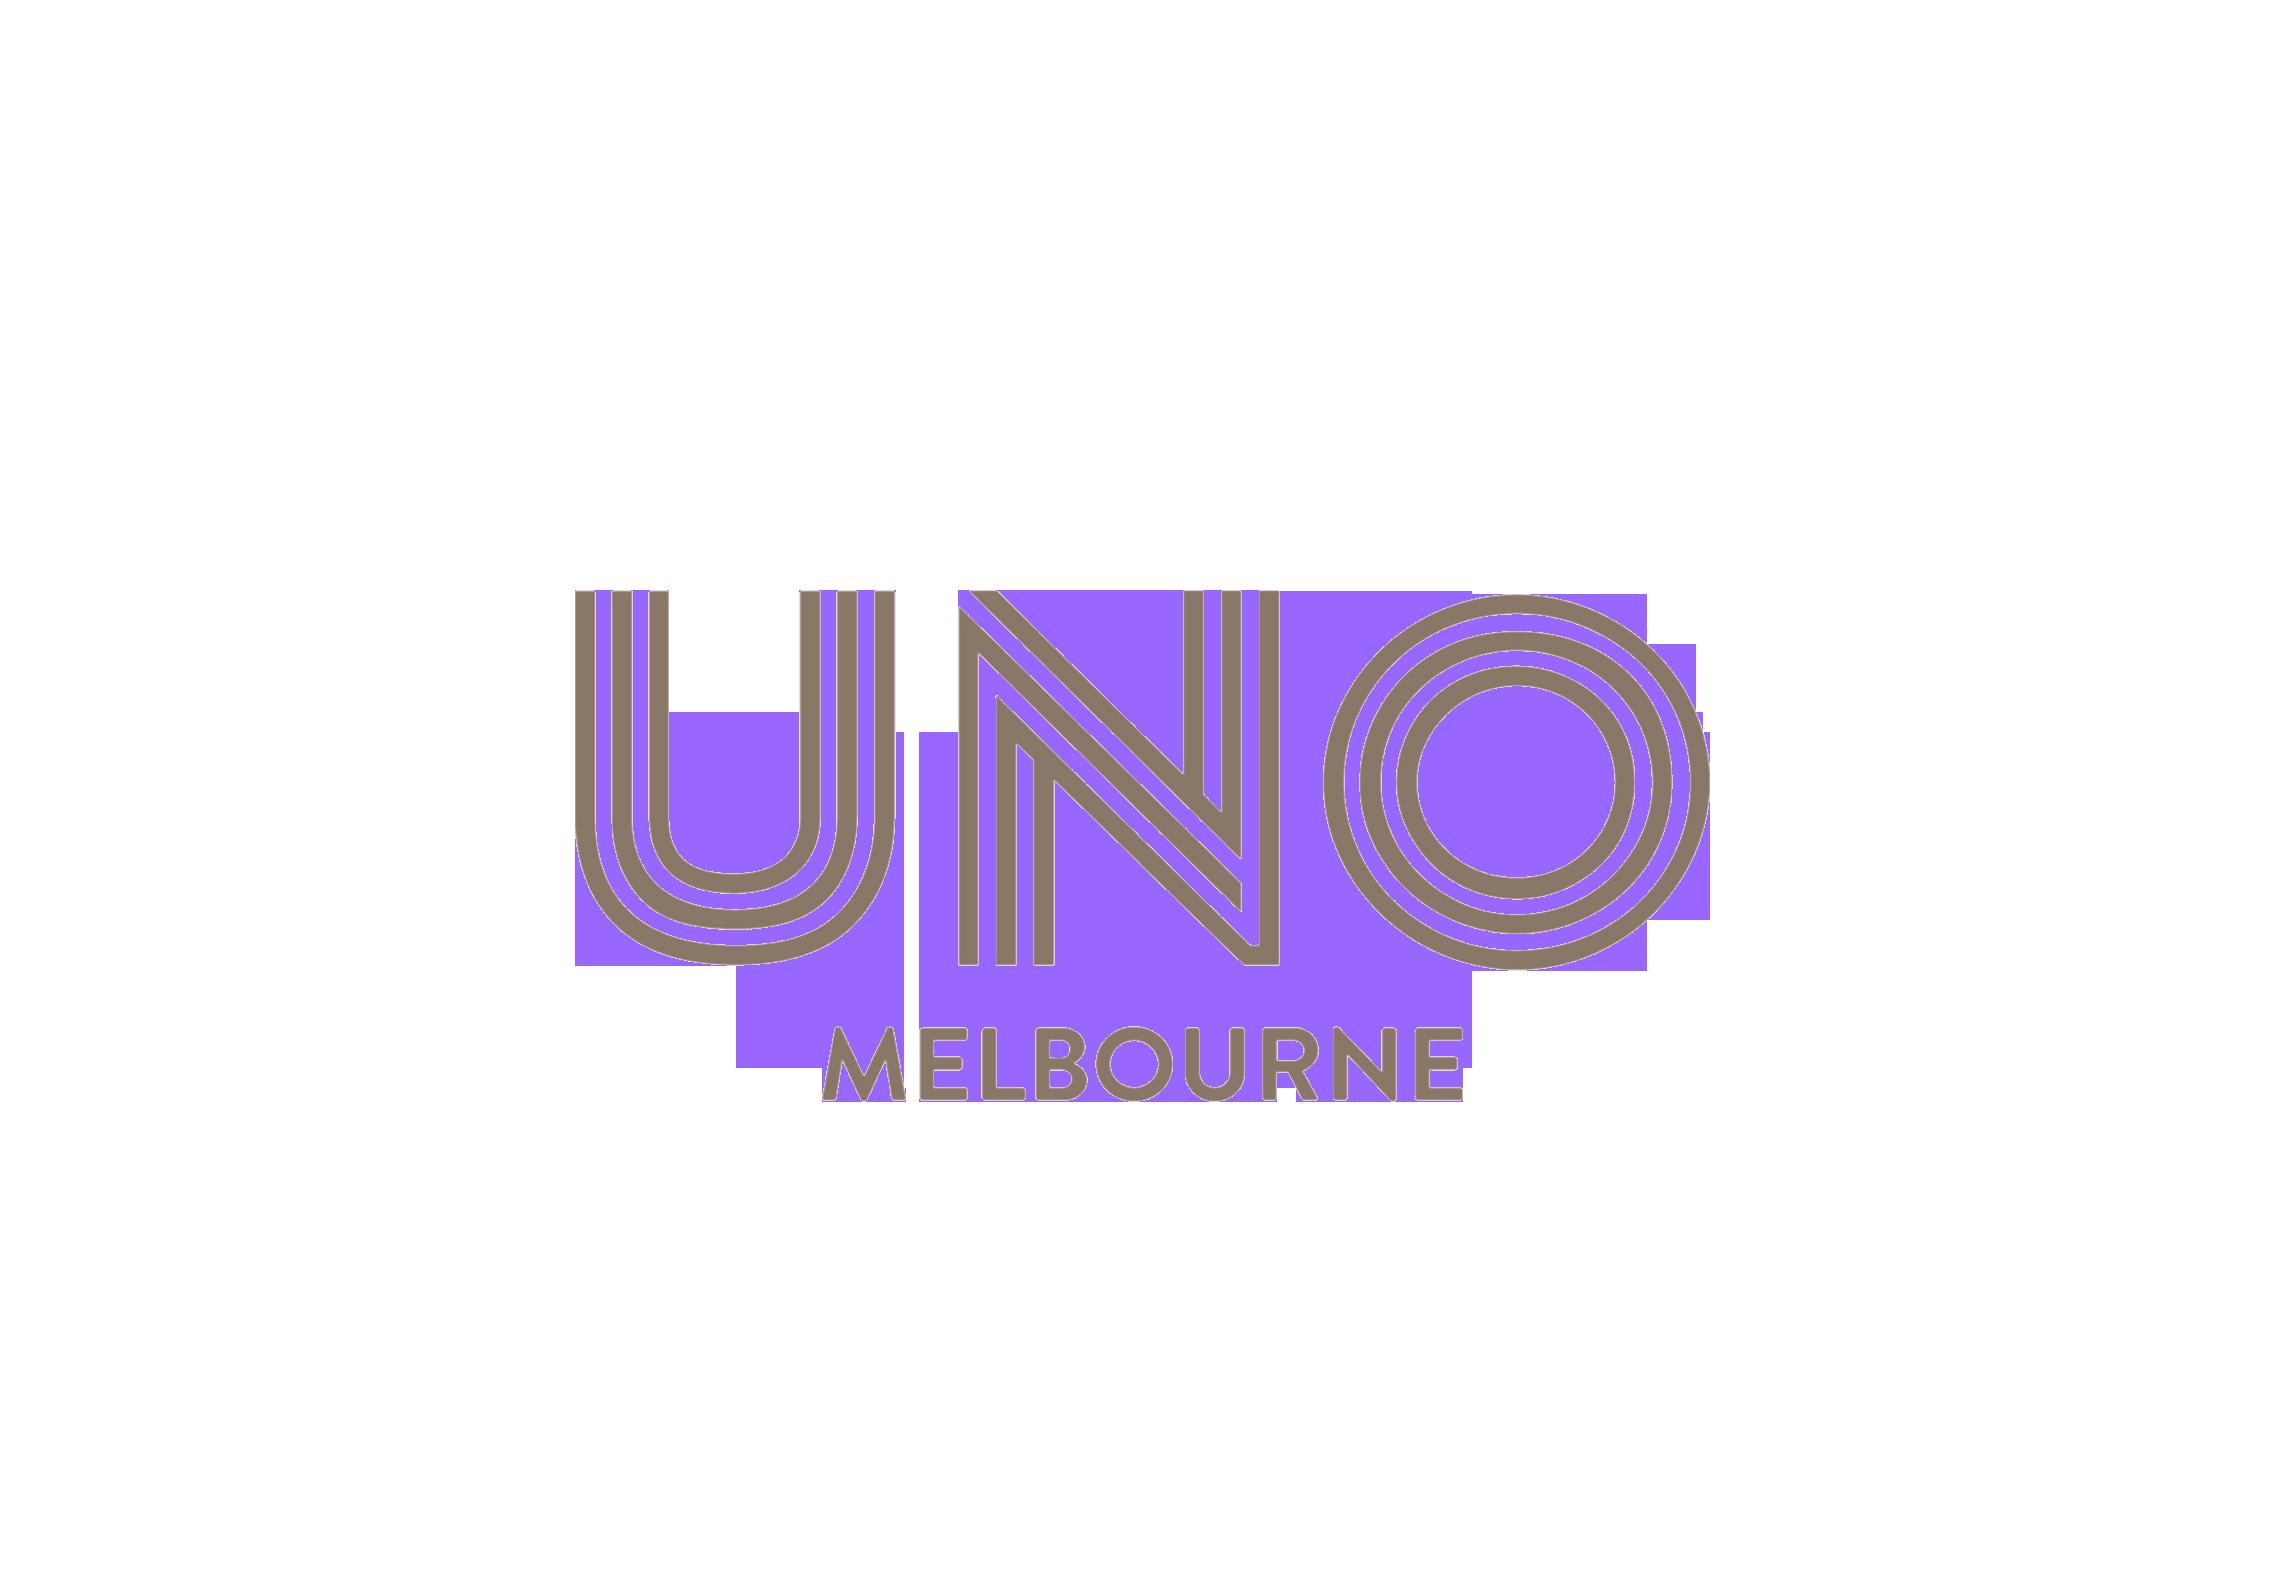 UNO MELBOURNE2.png